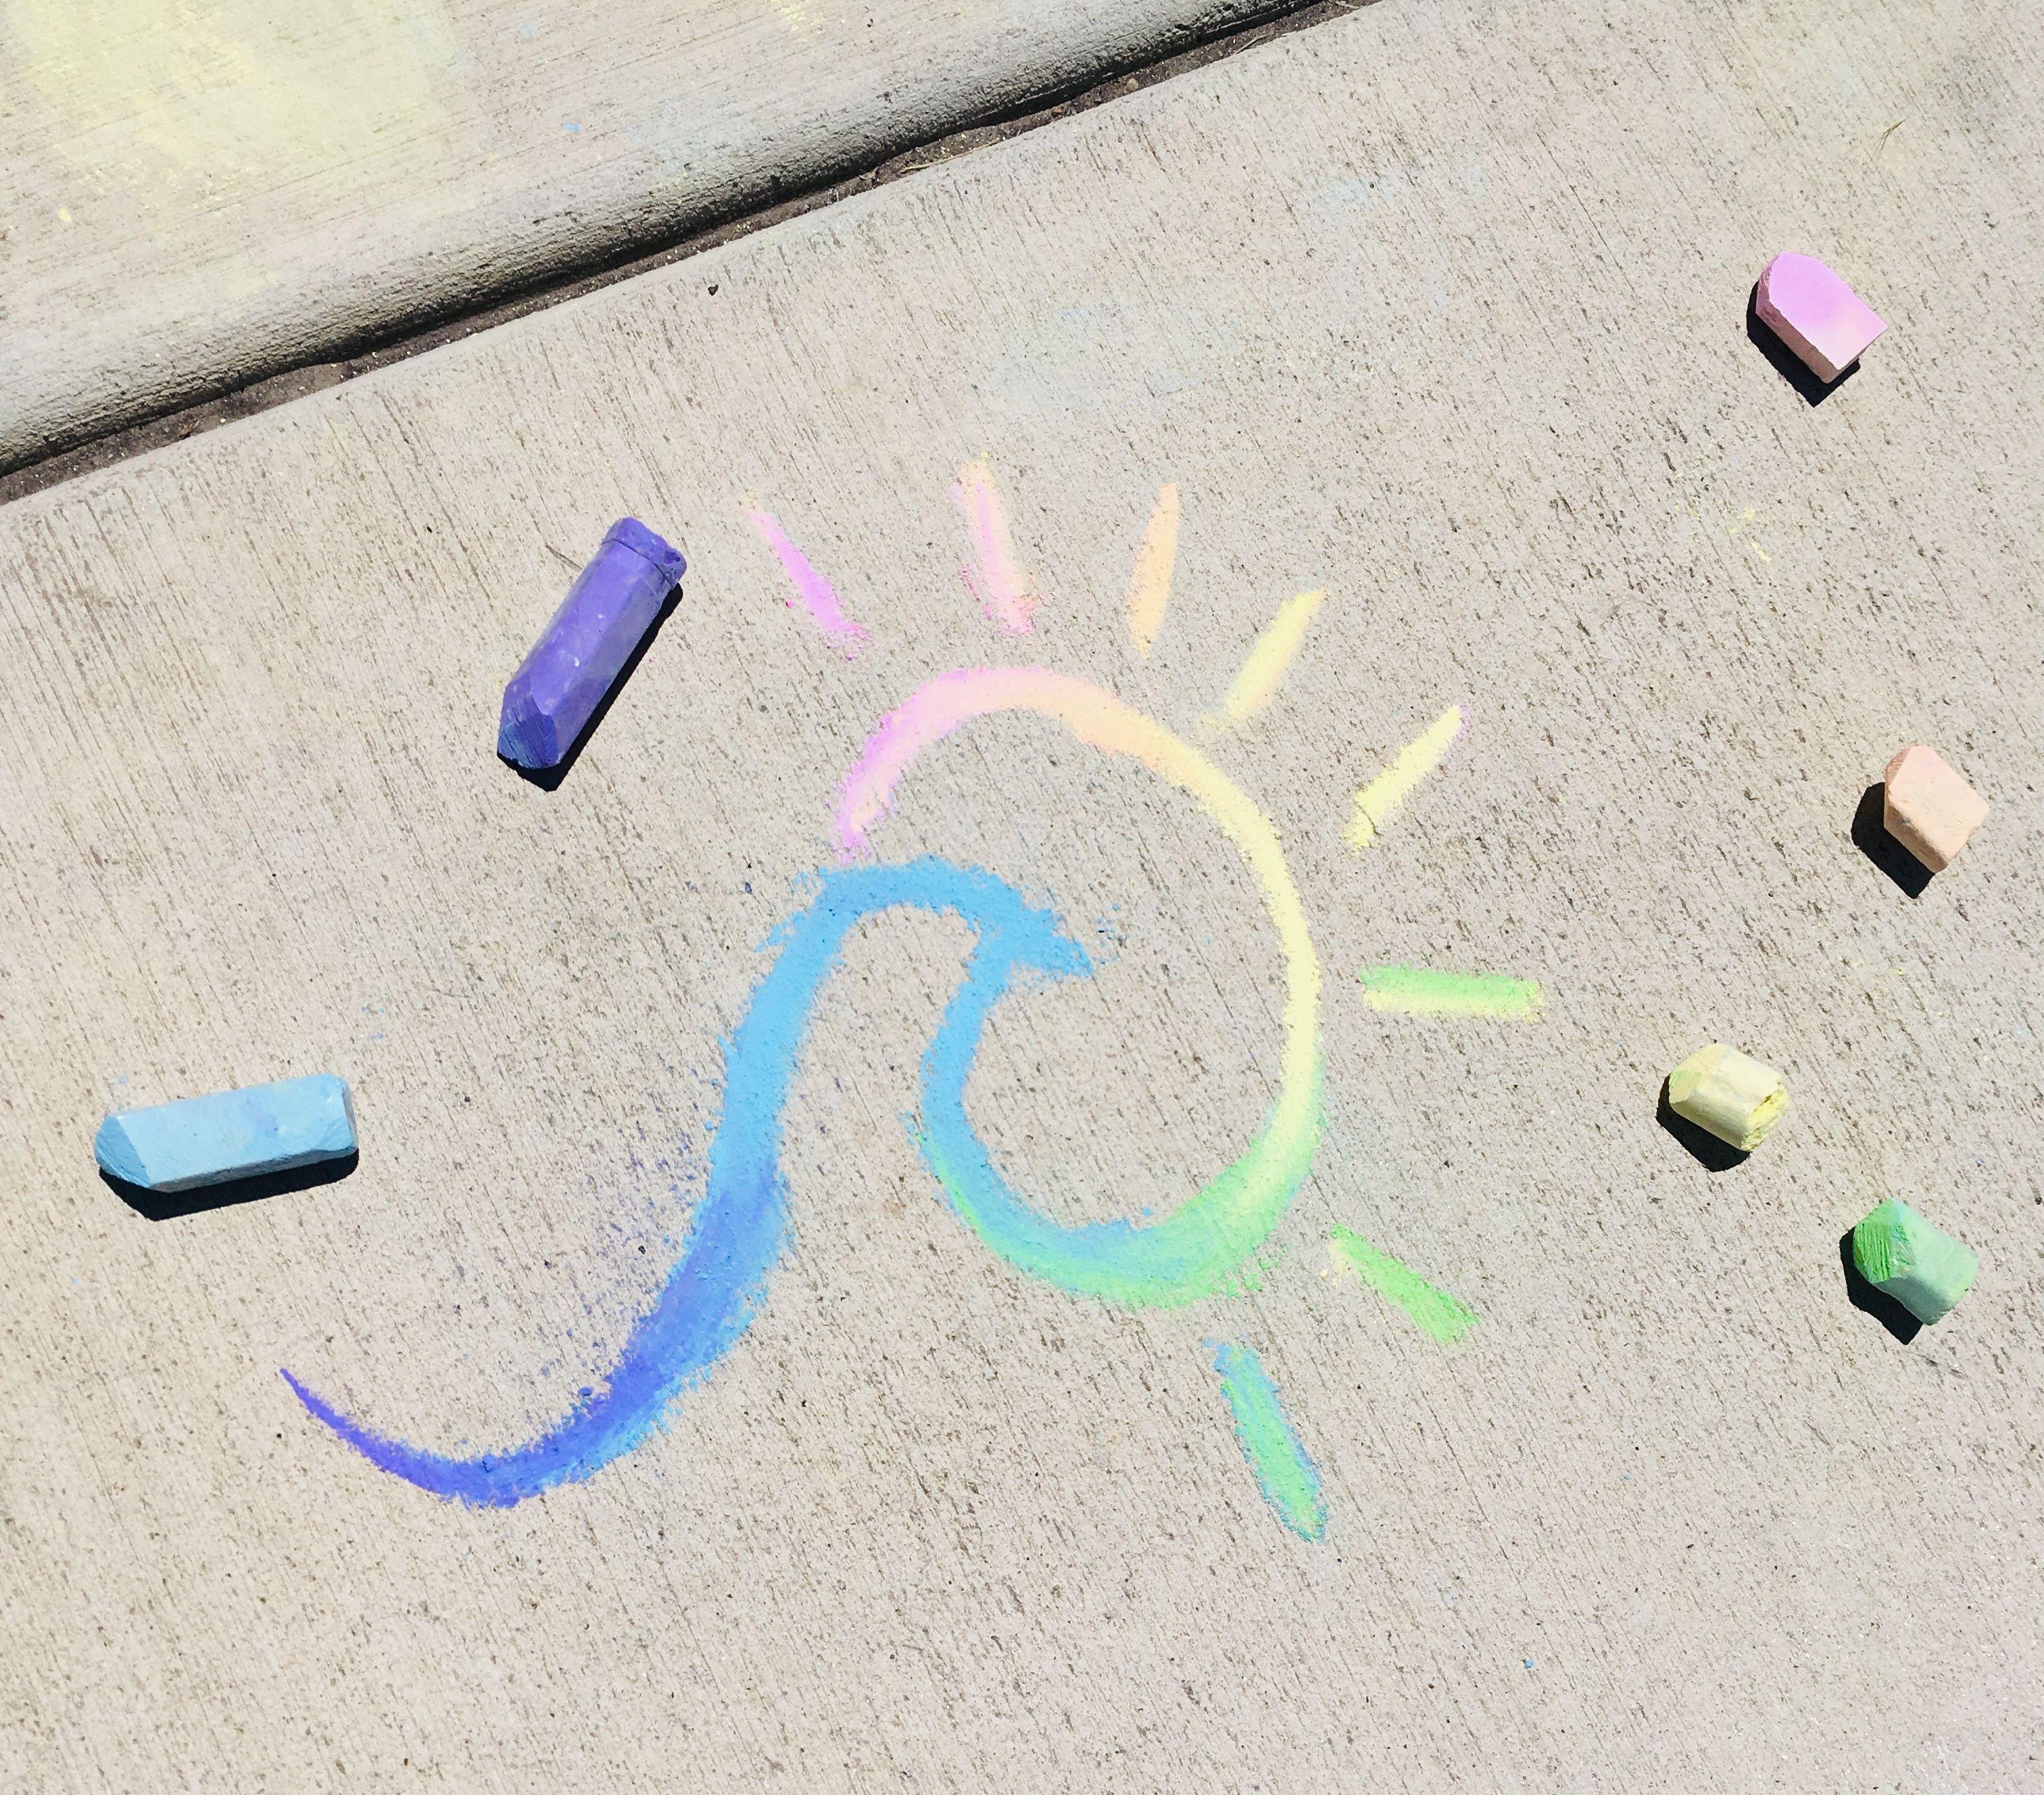 Pin By Kinz On Vsco Sidewalk Chalk Art Sidewalk Art